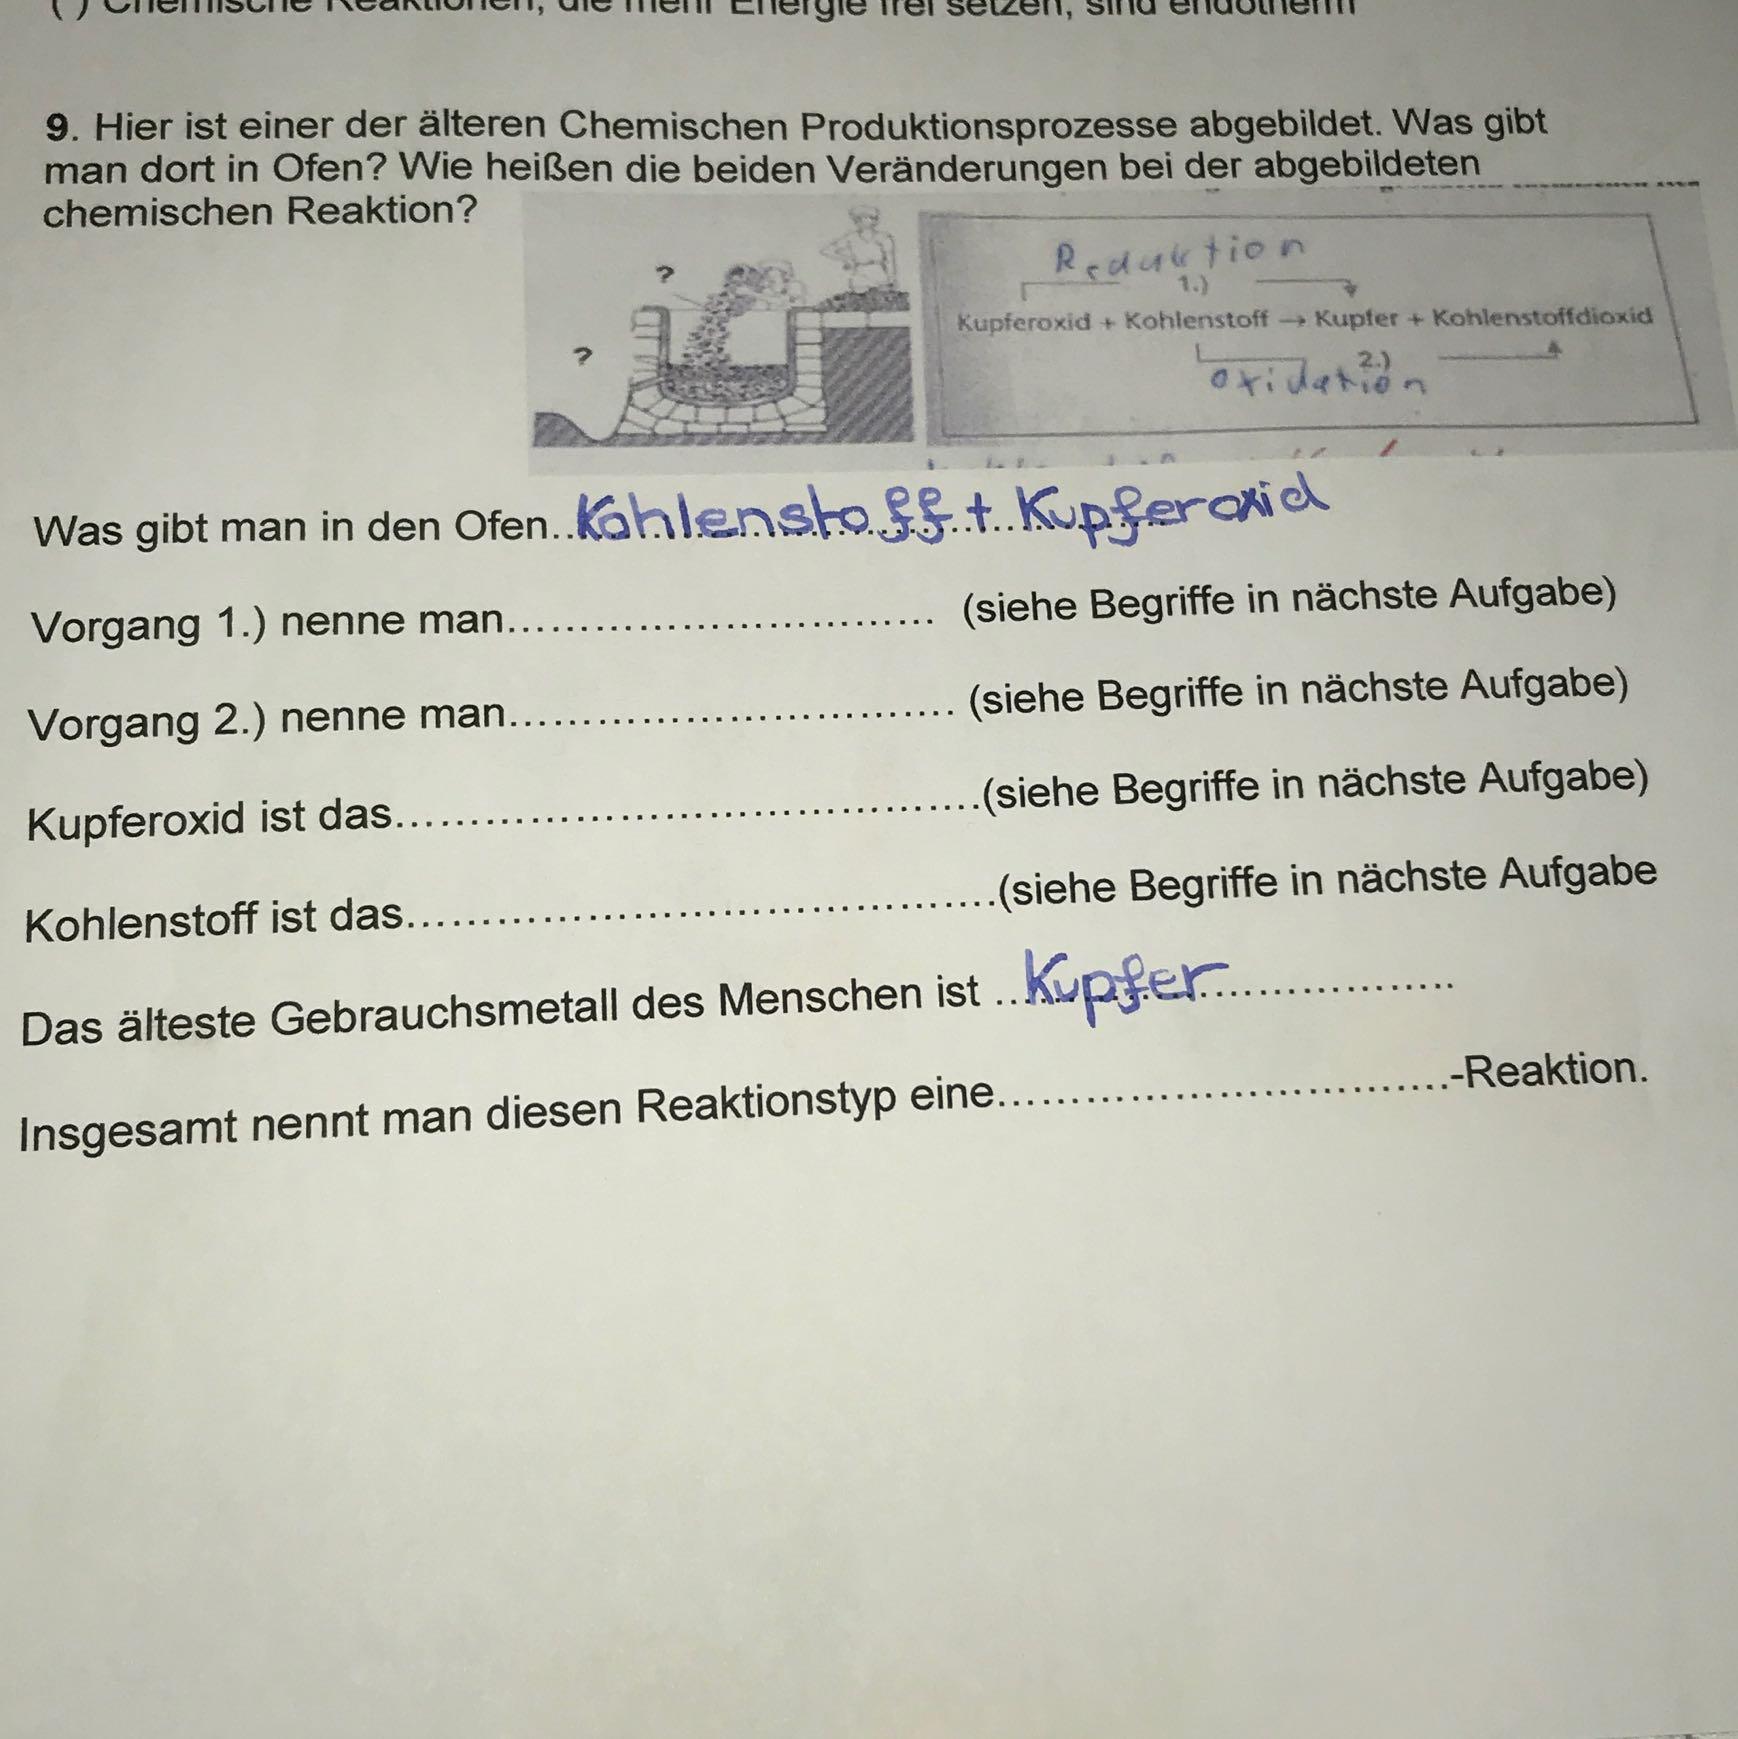 Großzügig Chemie Wortgleichungen Arbeitsblatt Antworten Galerie ...